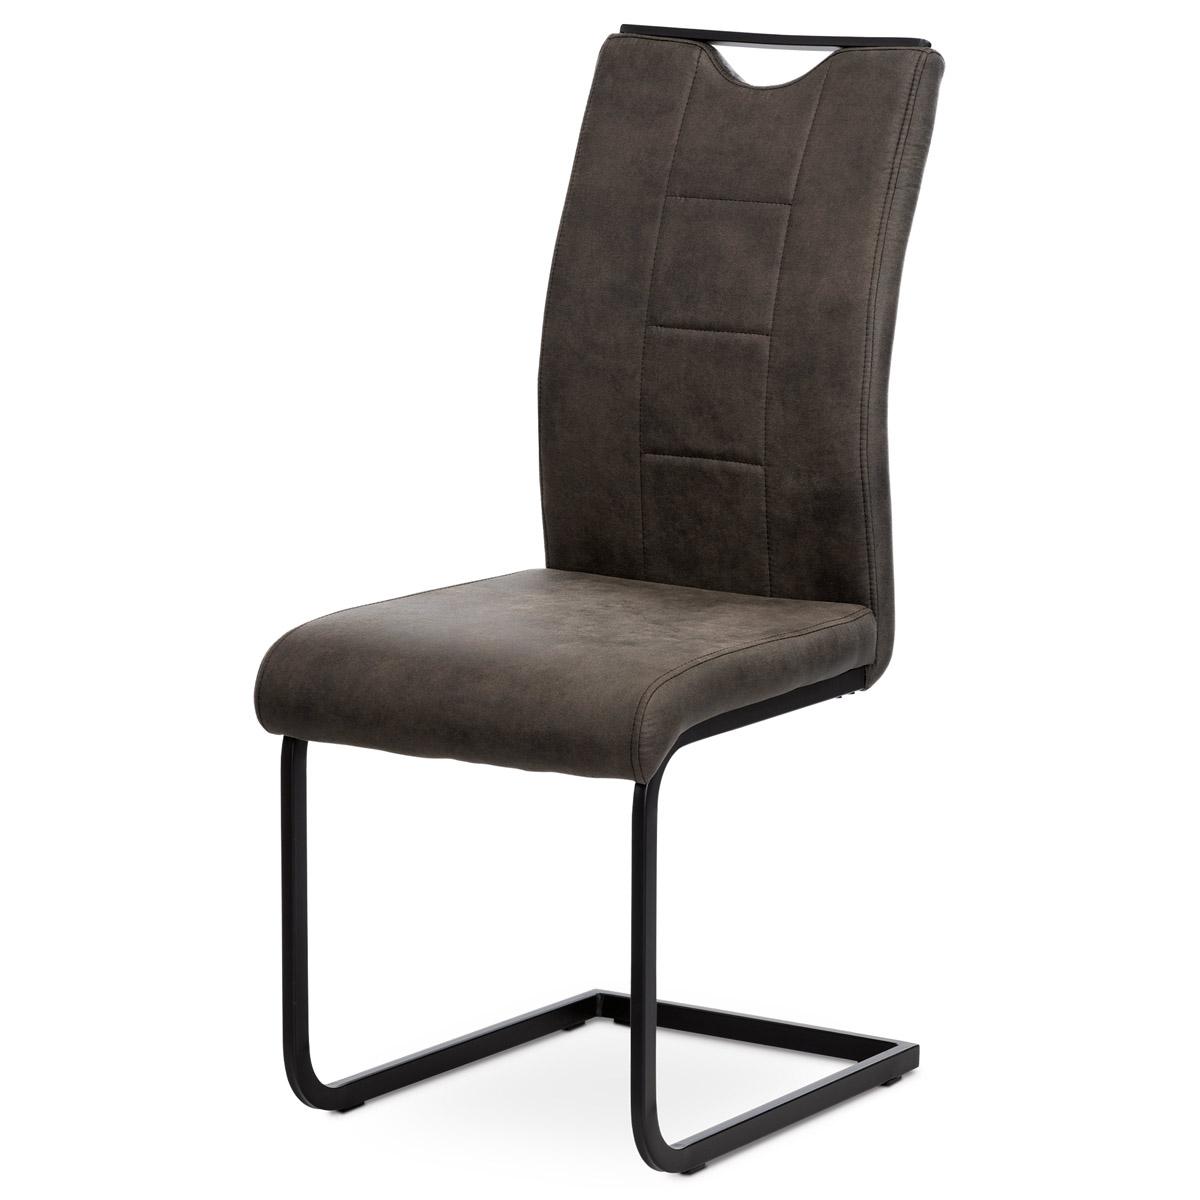 Jídelní židle DCL-412 GREY3 látka šedá v dekoru vintage kůže, bílé prošití, kov černý lak